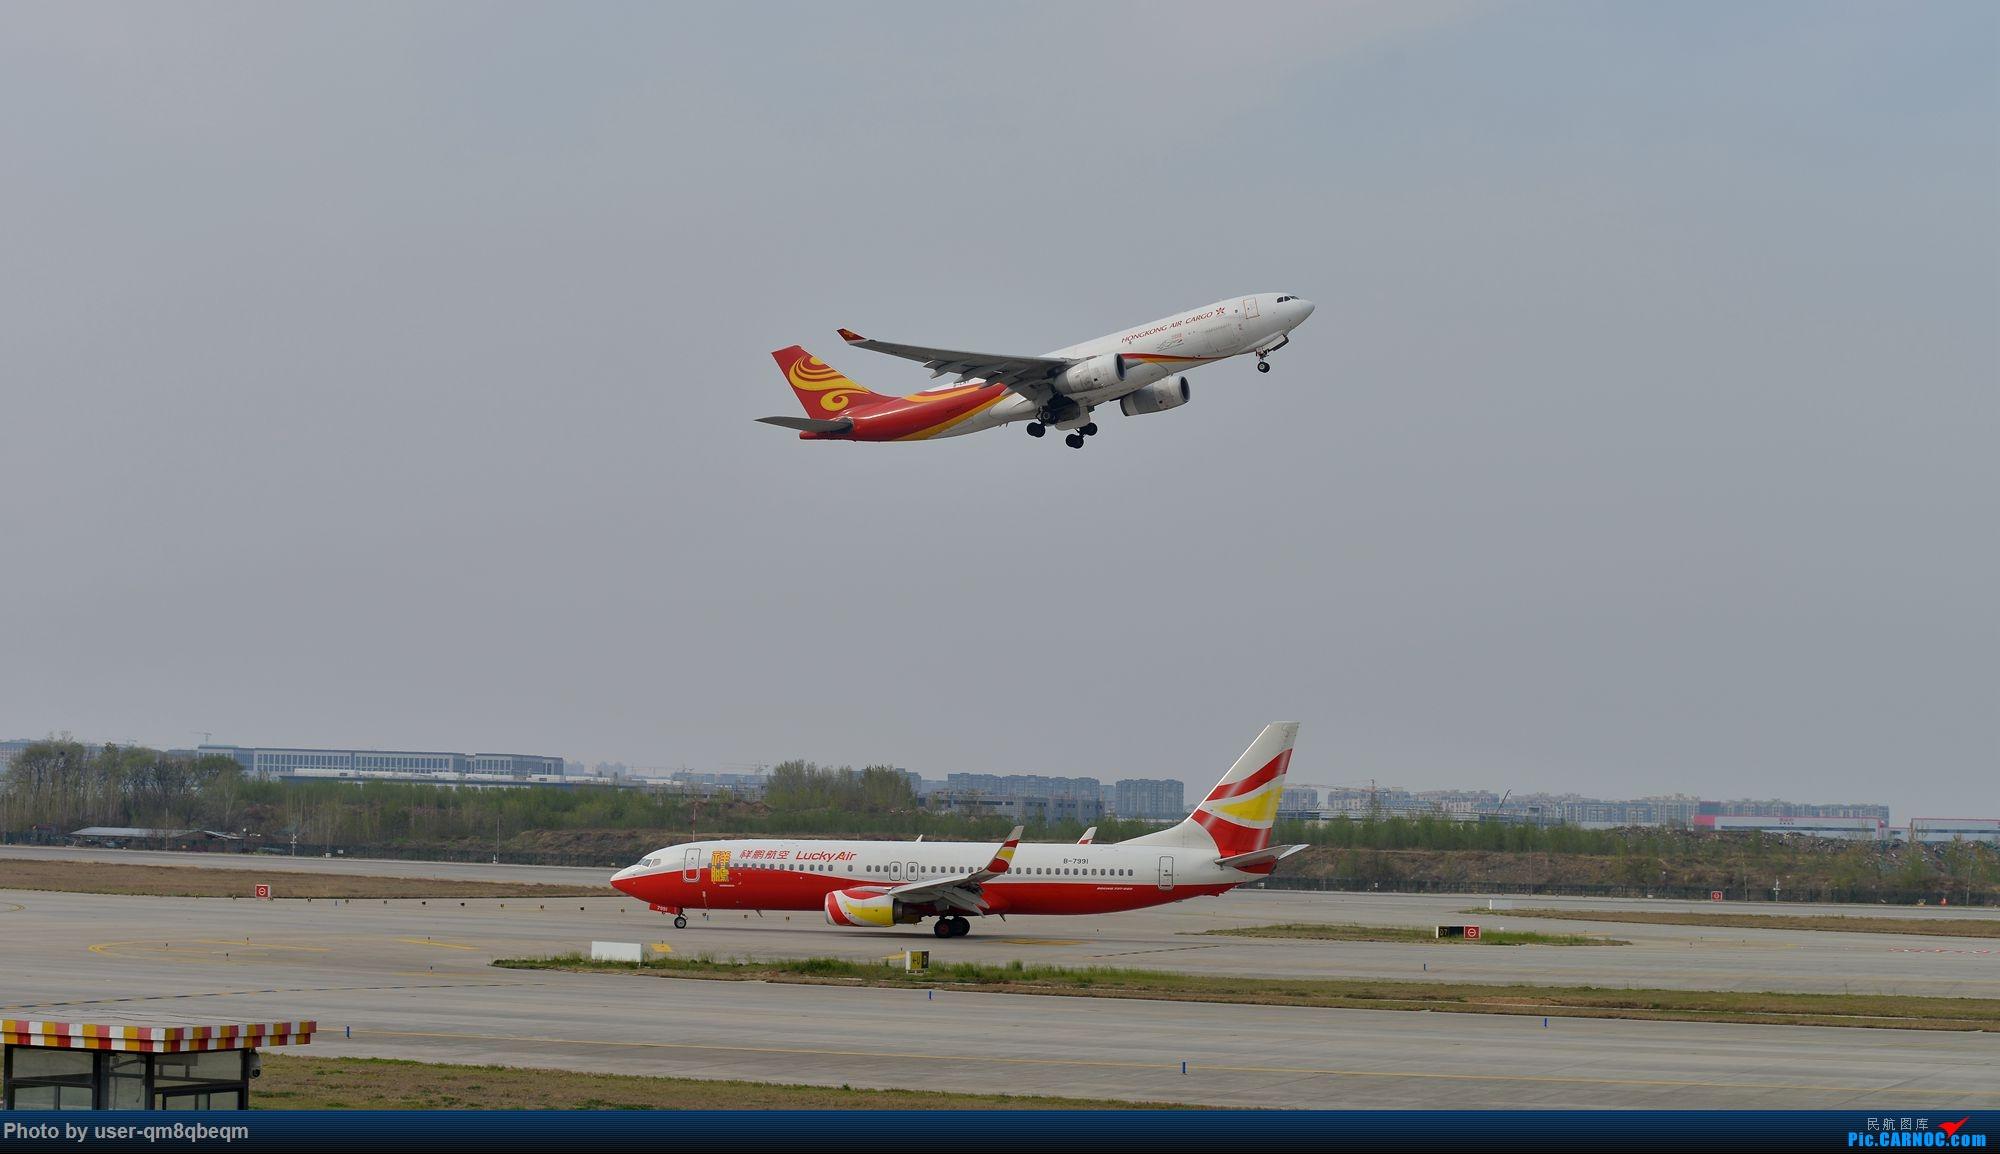 [原创]路过机场拍两张 AIRBUS A330-200 B-LNY 郑州新郑国际机场